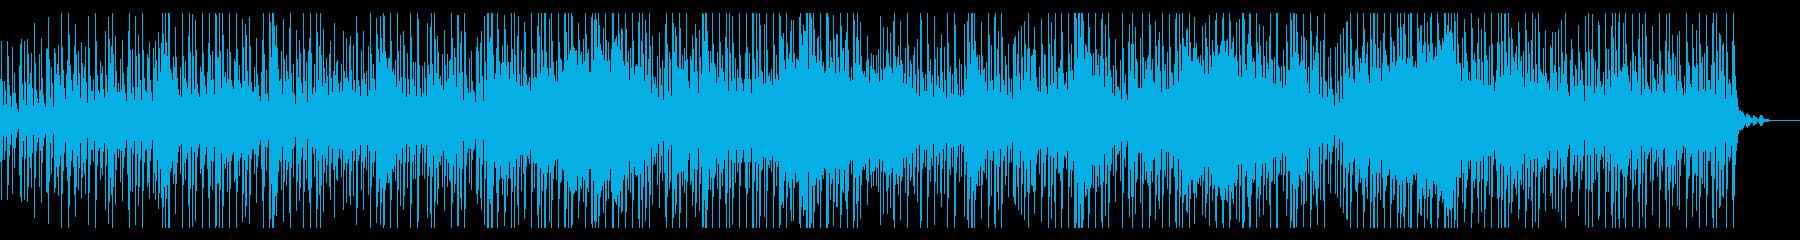 穏やかなミニマルアンビエントの再生済みの波形